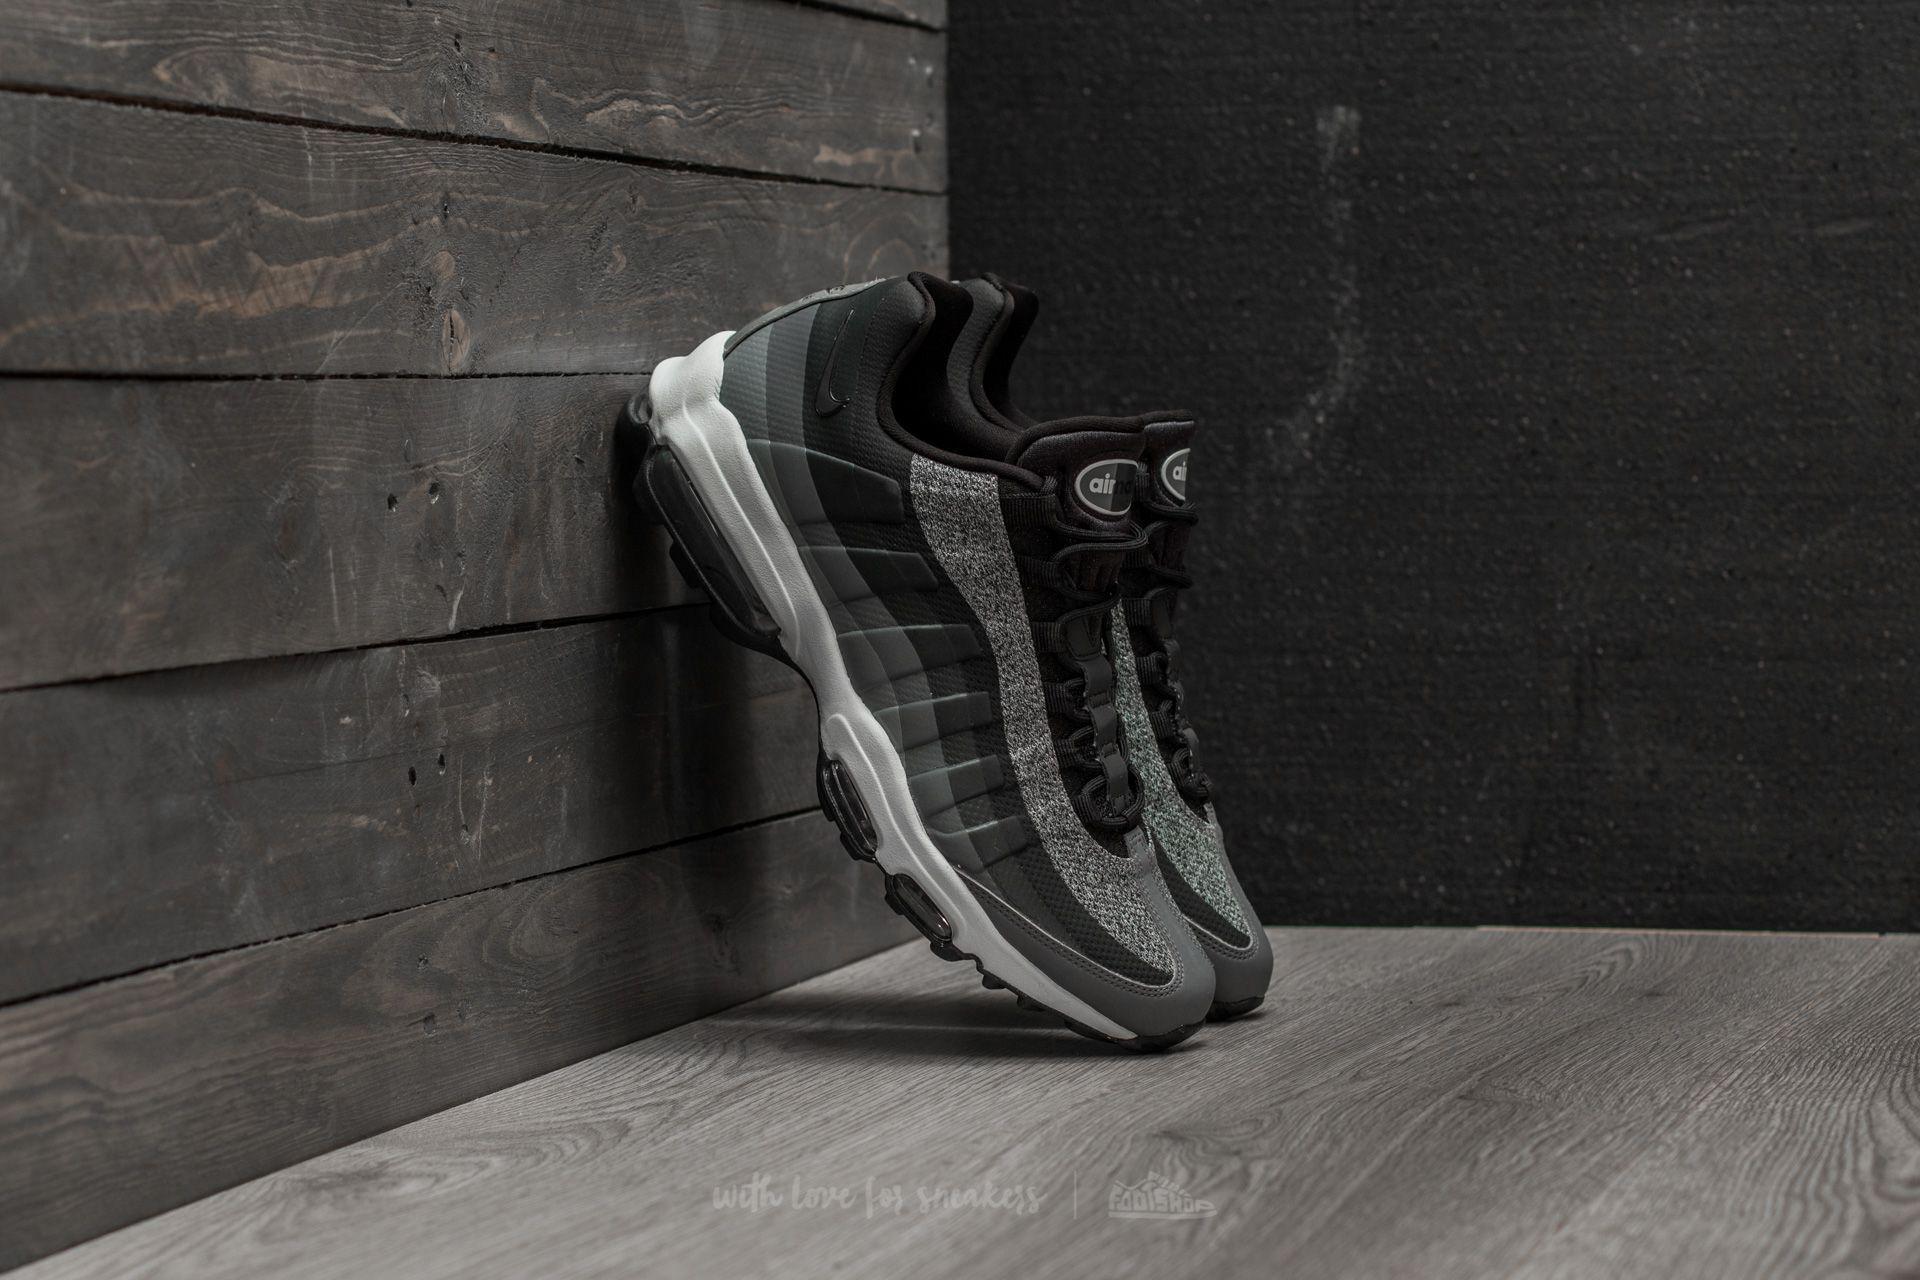 Lyst - Nike Air Max 95 Ultra Essential Black  Black-anthracite in ... 872100e37f1f